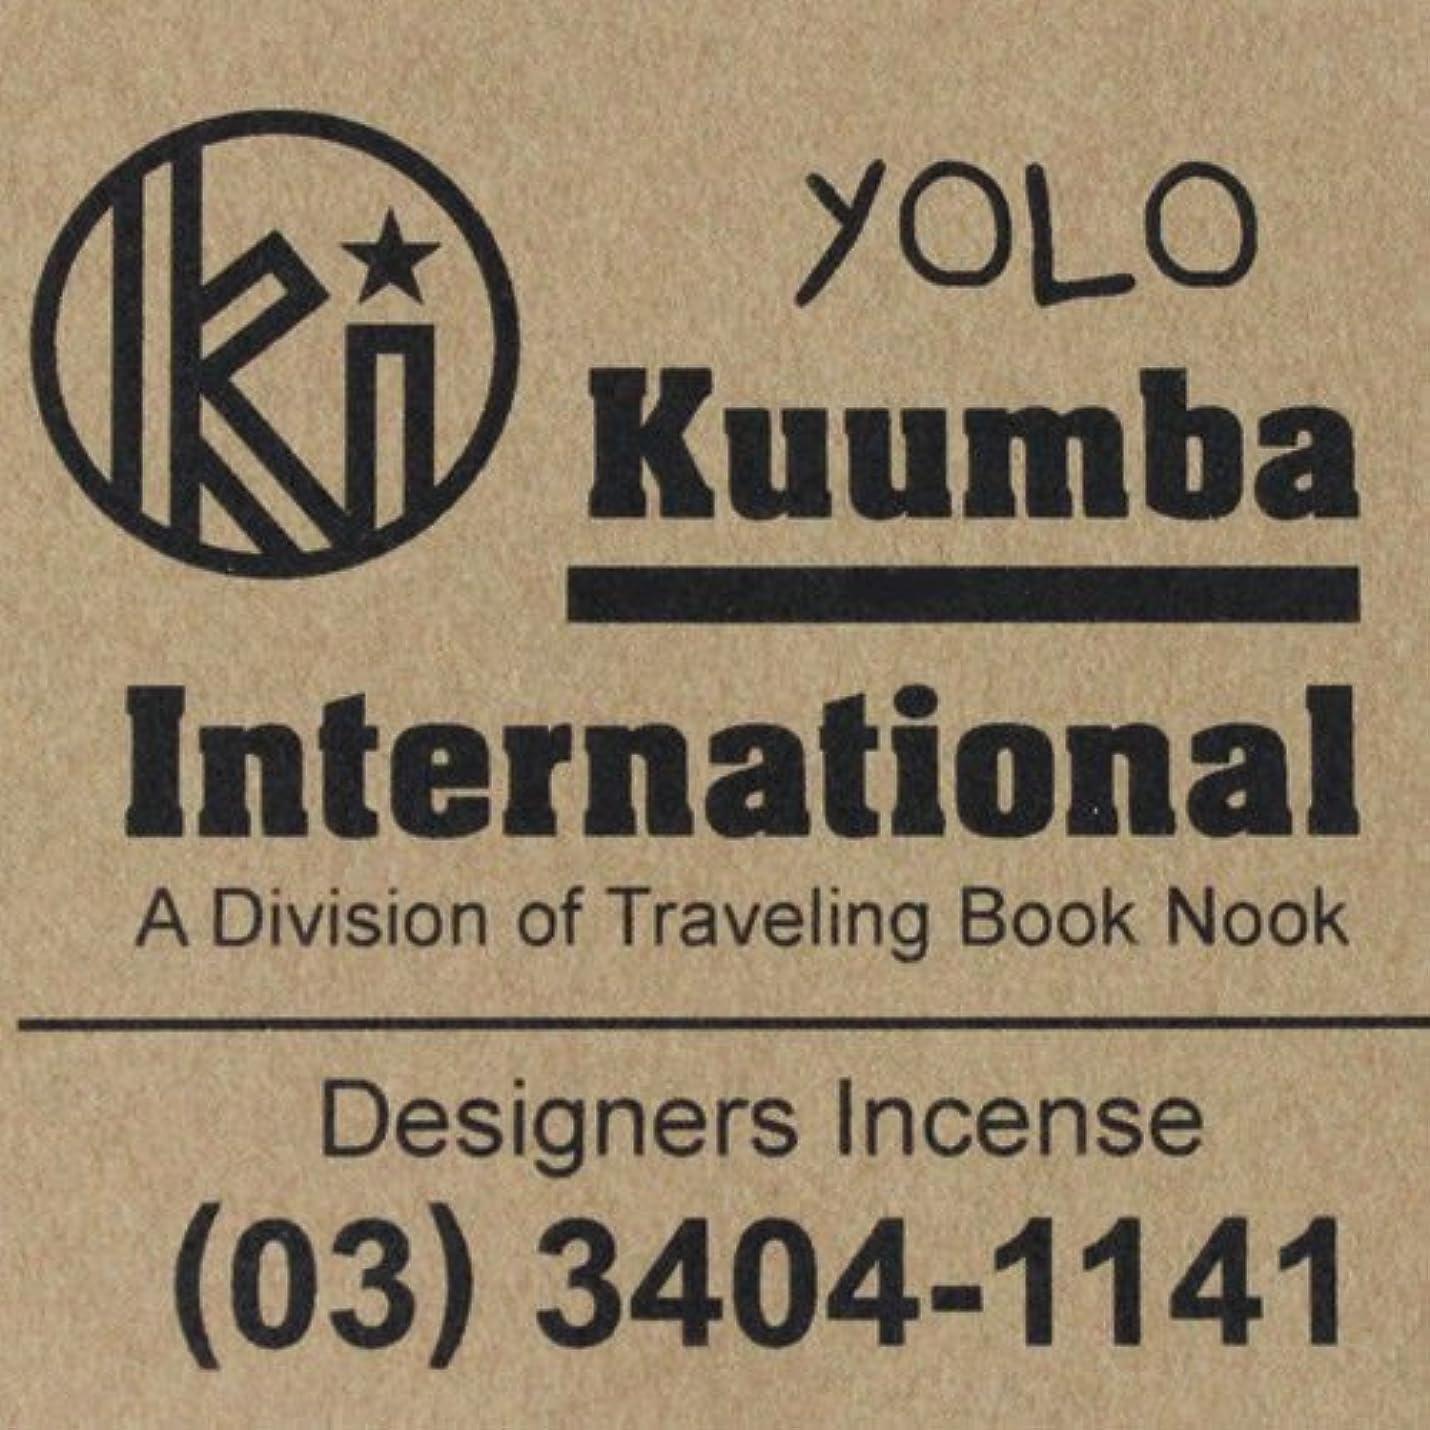 損傷免除次Kuumba(クンバ)『incense』(YOLO) (Regular size)